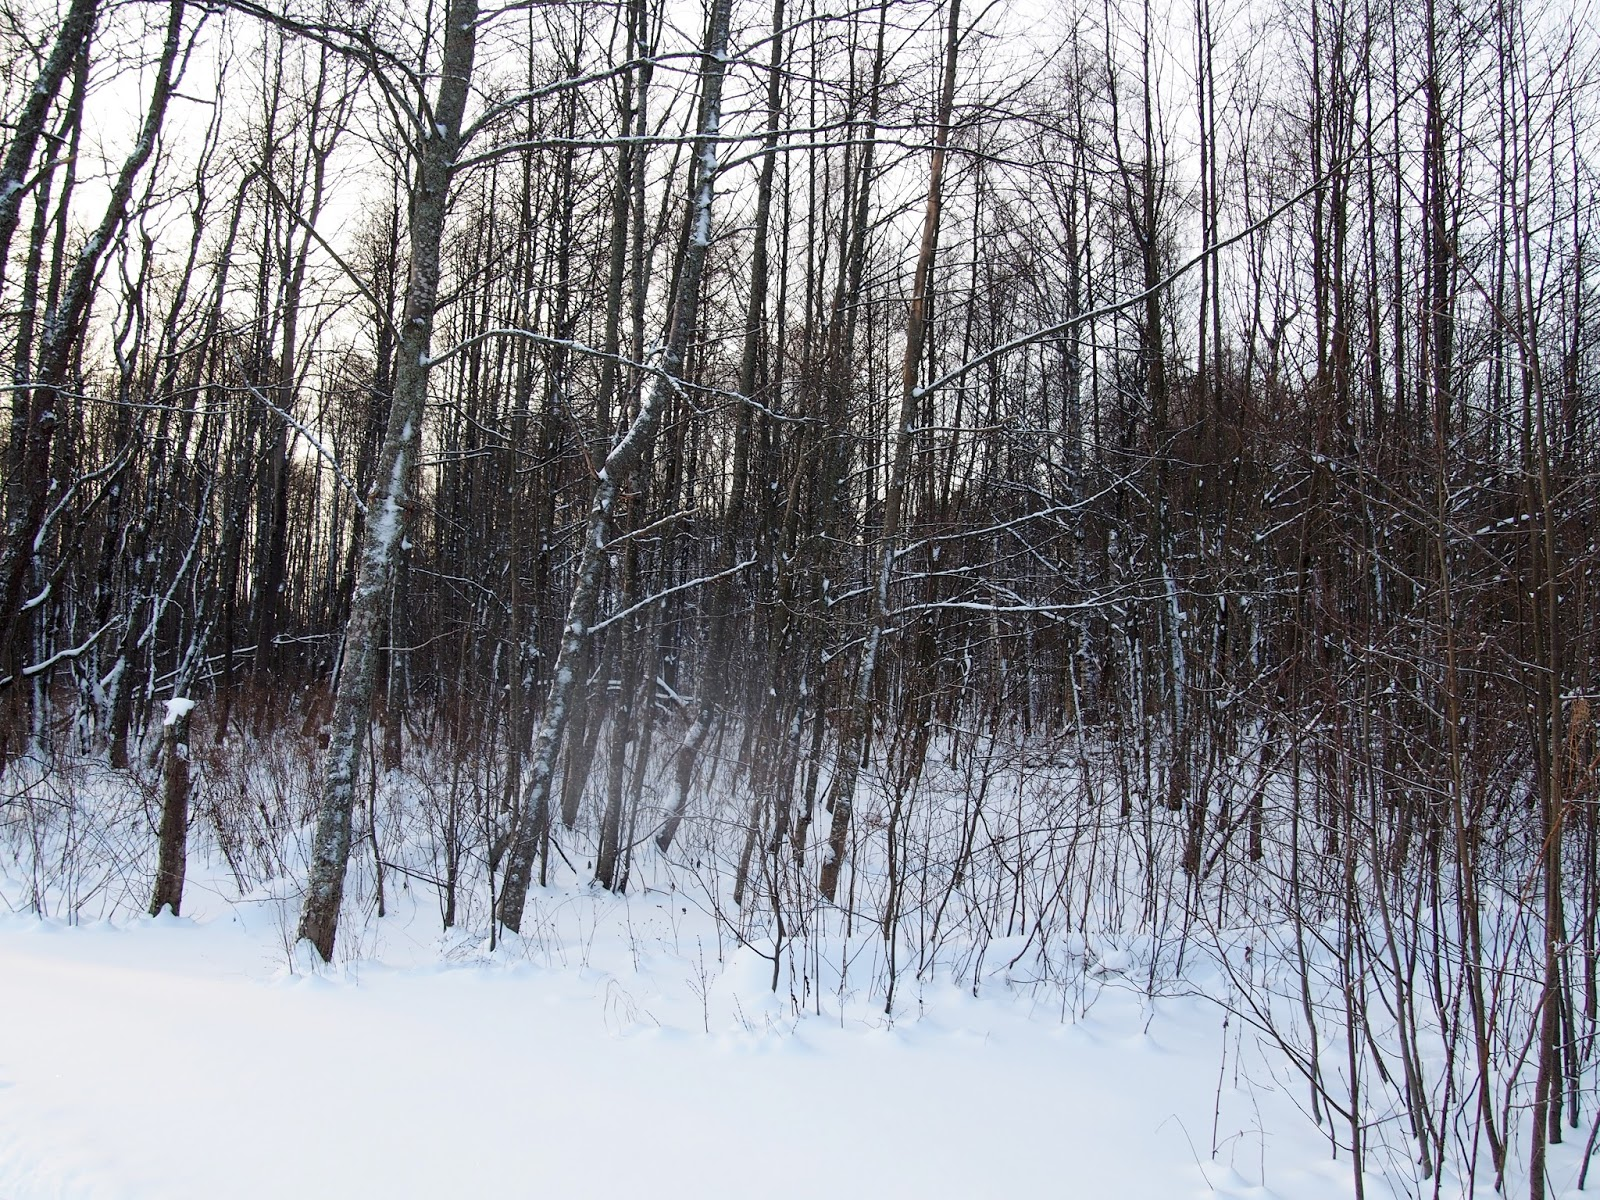 Talvi Helsingin puistoissa on ihana lumisine metsikköineen!